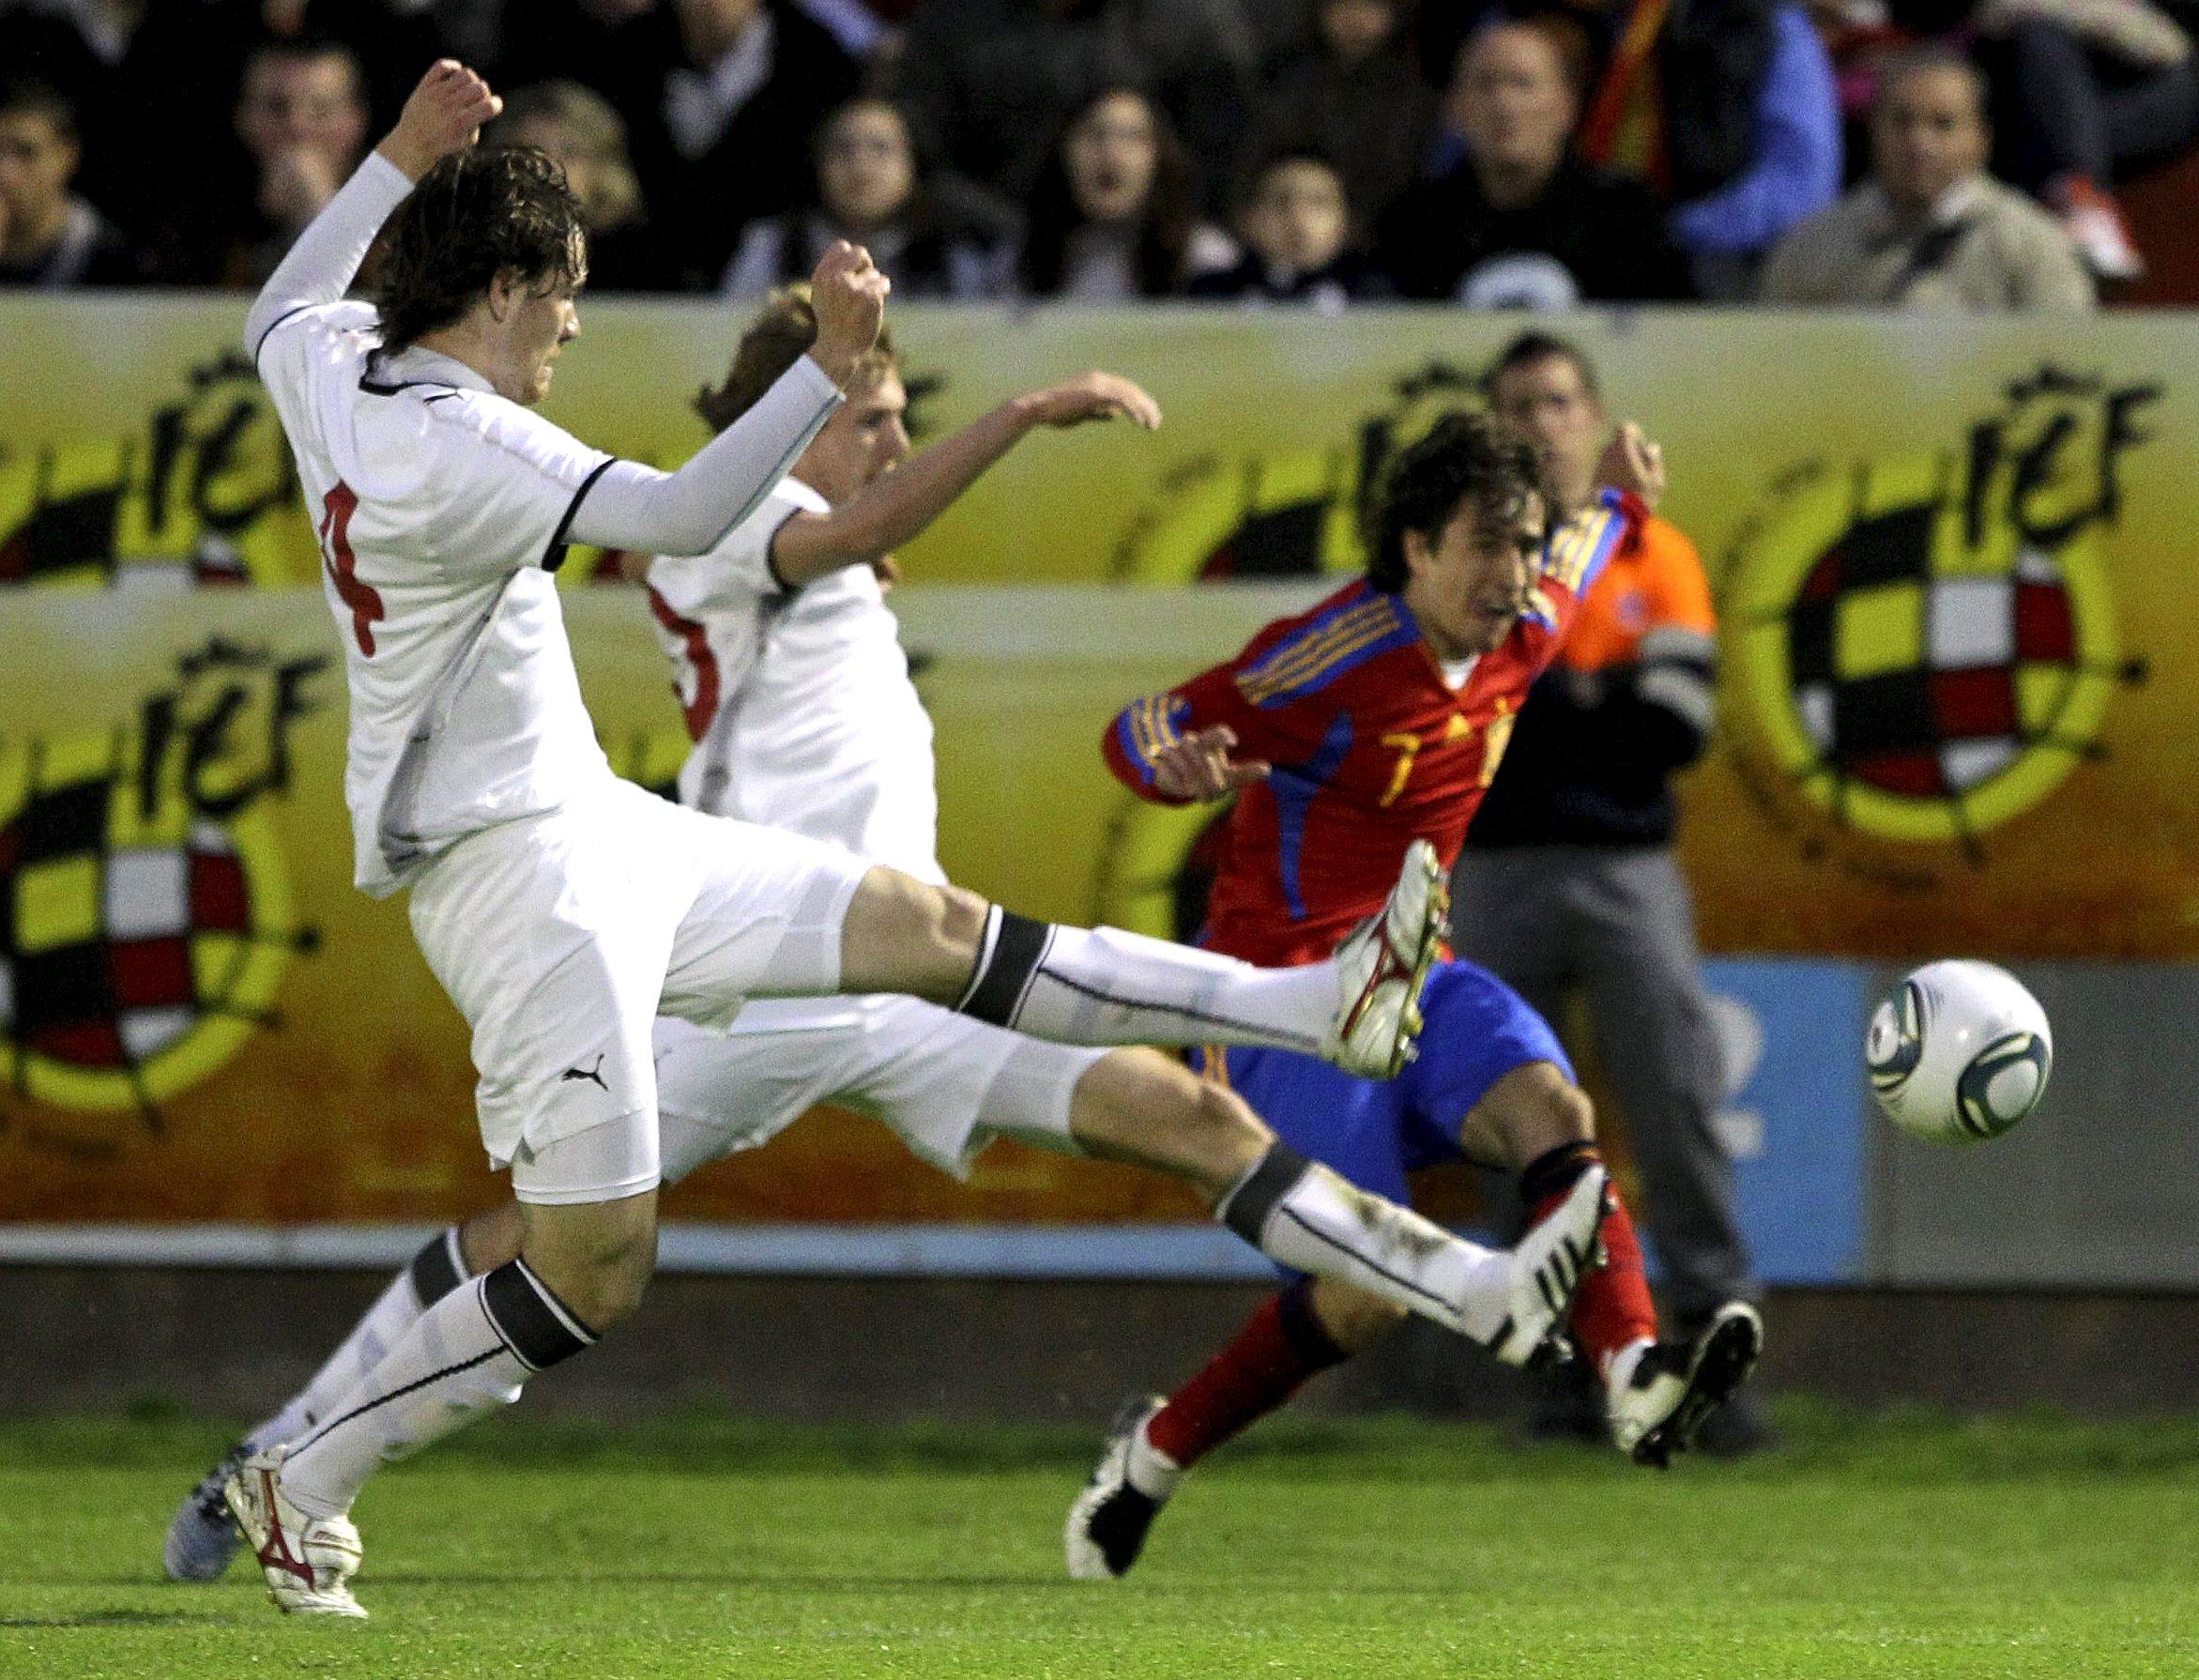 MD69 ALCALÁ DE HENARES 28/03/2011.- El delantero de la selección española de fútbol sub-21, Bojan Krkic (d), consigue centrar el balón junto a dos jugadores de la selección Bielorrusa, durante el partido amistoso que las dos selecciones sub-21 juegan esta noche en el estadio Municipal Virgen del Val, en Alcalá de Henares. EFE/ Alberto Martín